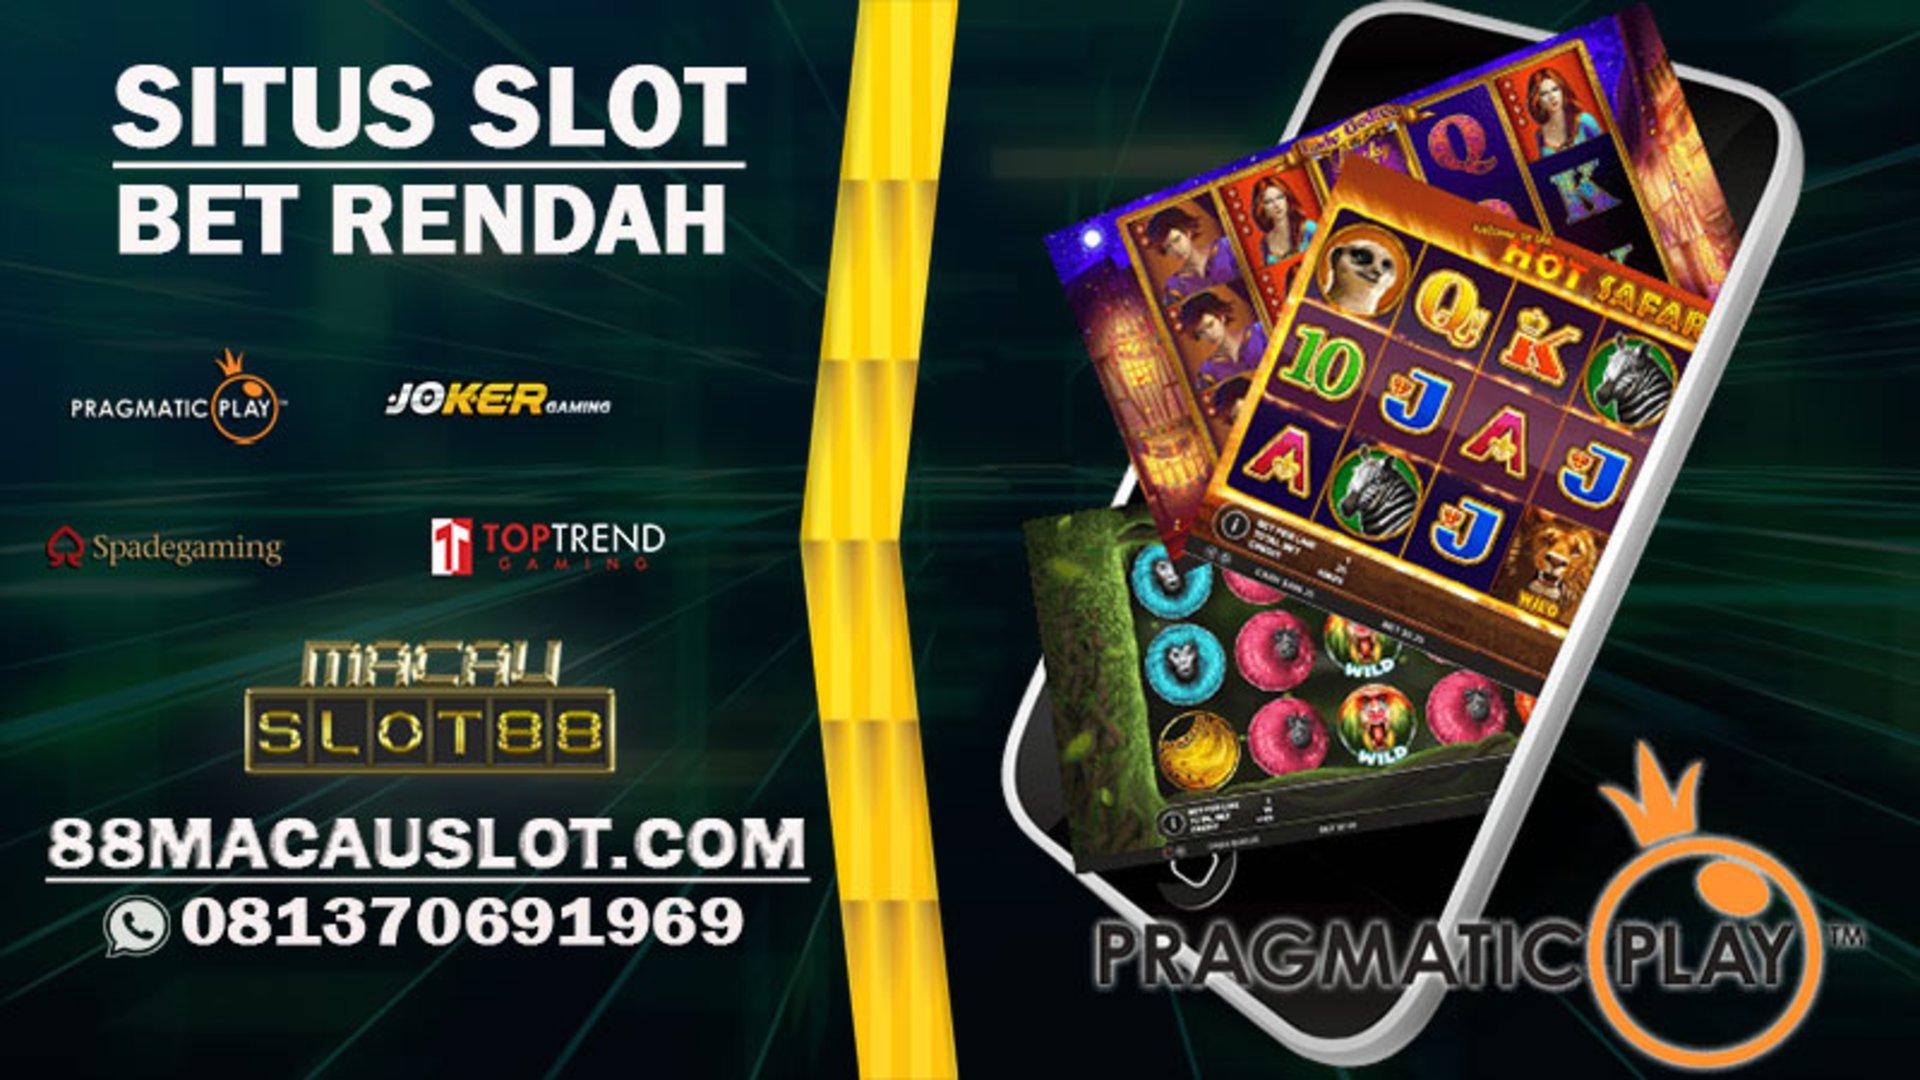 Situs Judi Game Slot Bet Rendah Situs Slot Terbaik 2021 Mudah Menang Macauslot88